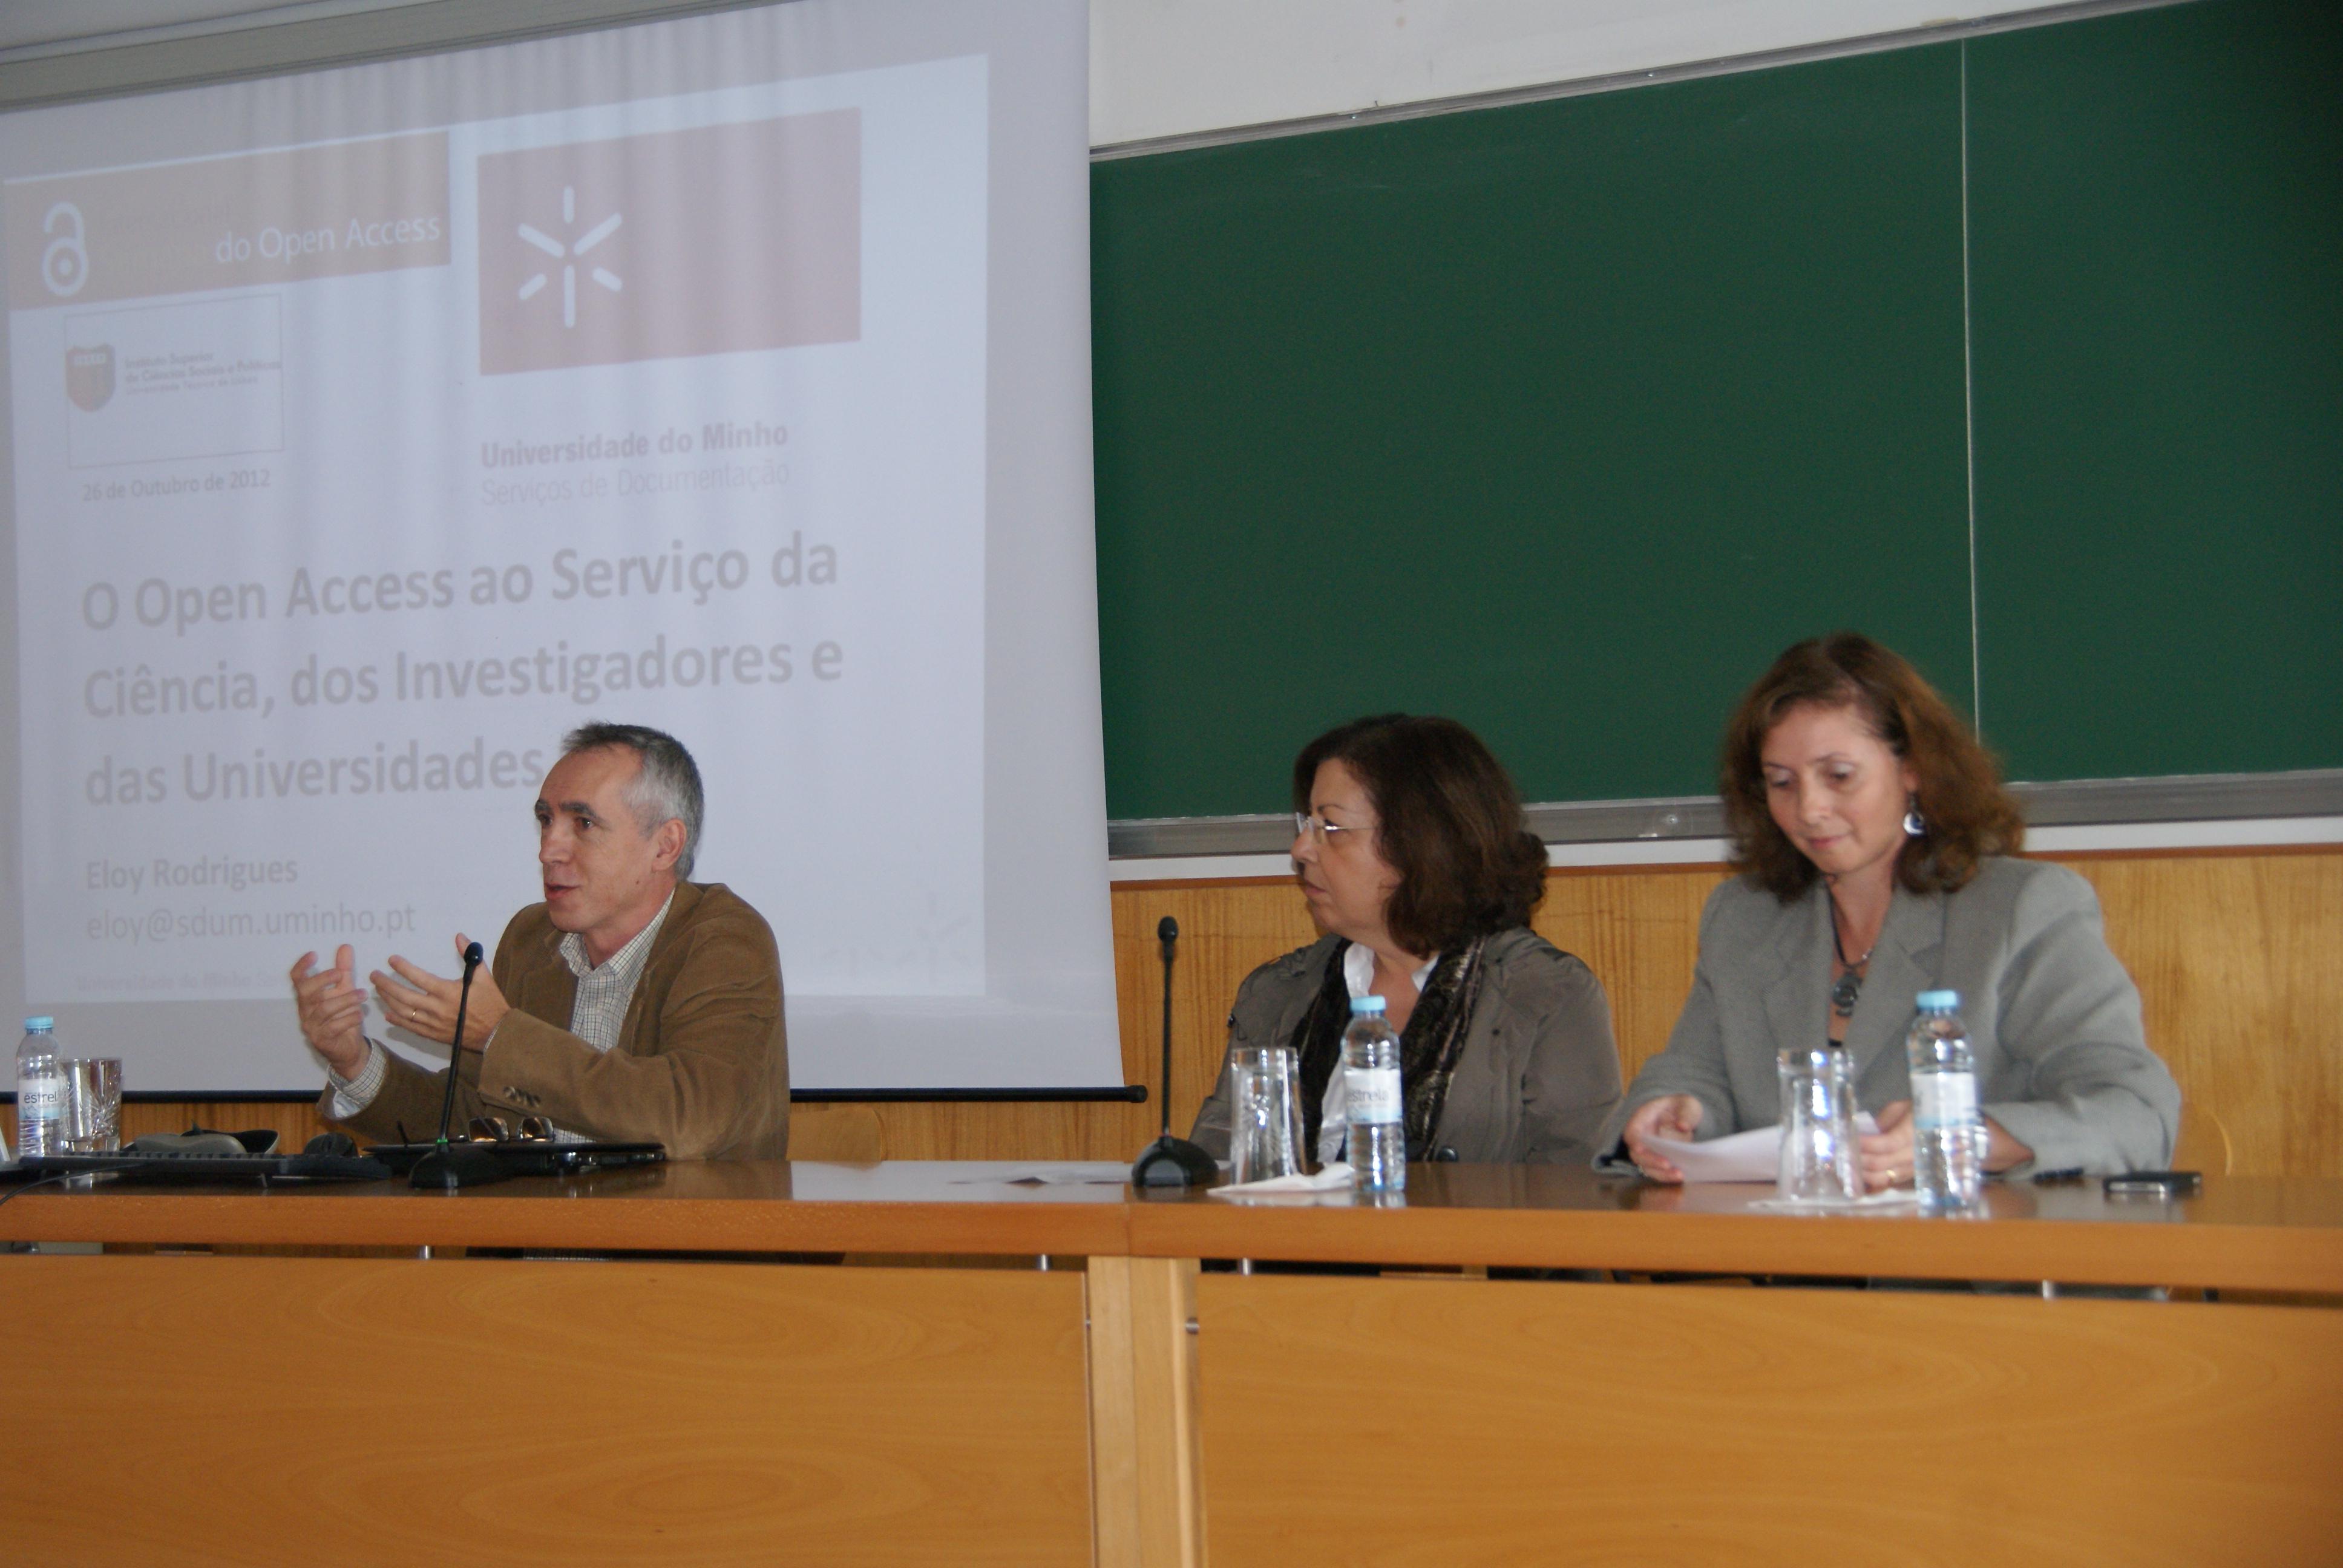 Sessão sobre o Acesso Aberto no Instituto Superior de Ciências Sociais e Políticas